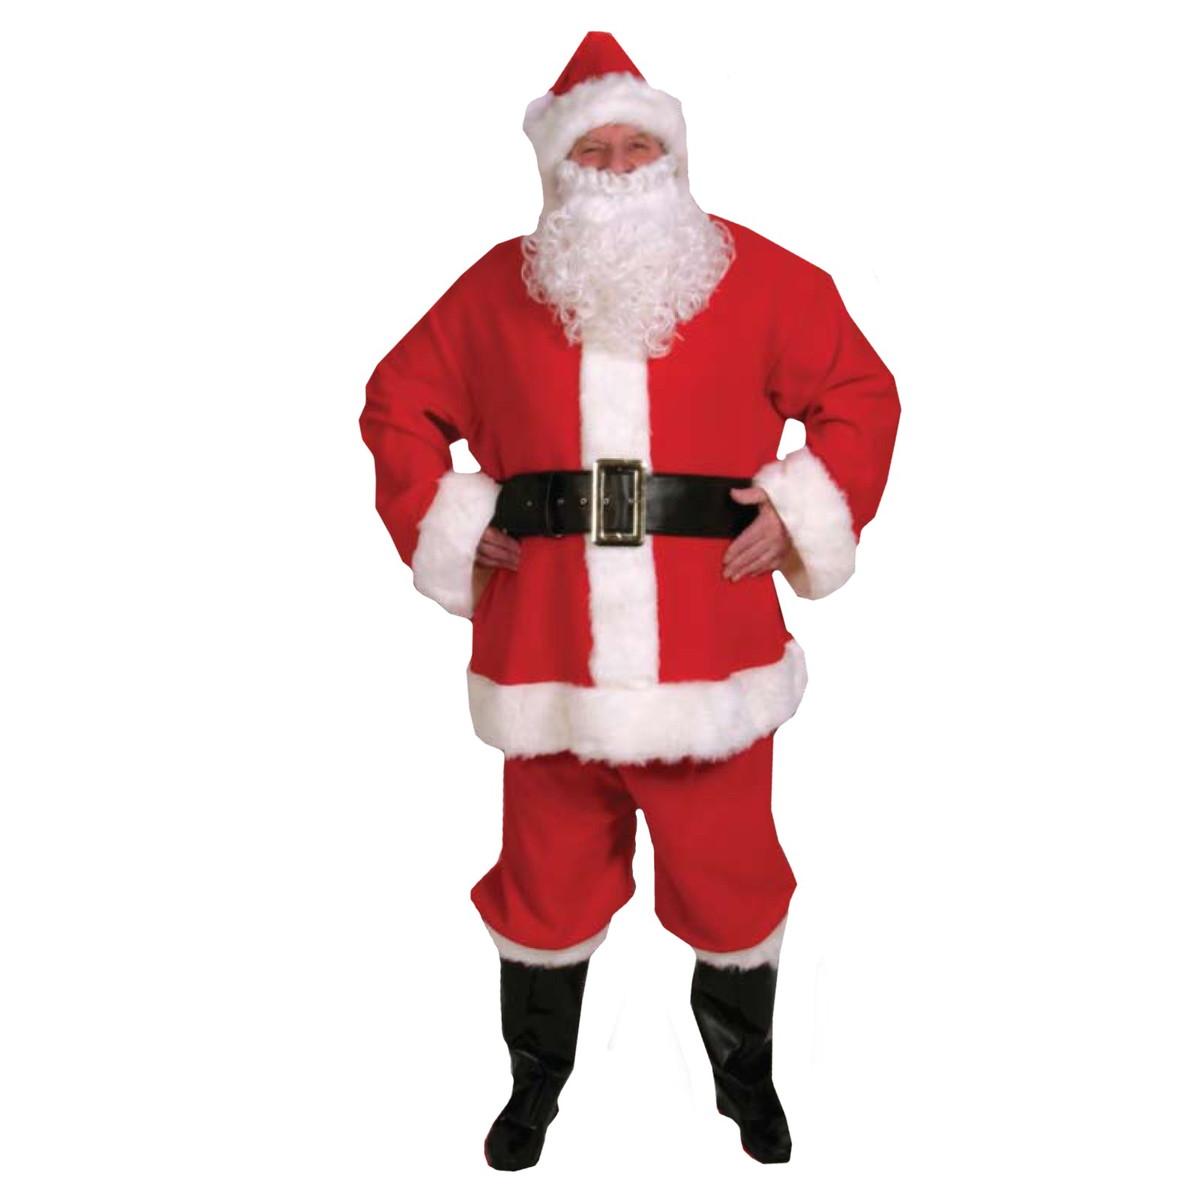 サンタ 衣装 メンズ サンタクロース 衣装 エコノミーサンタスーツ 大人用コスチュームハロウィン 衣装・コスチューム